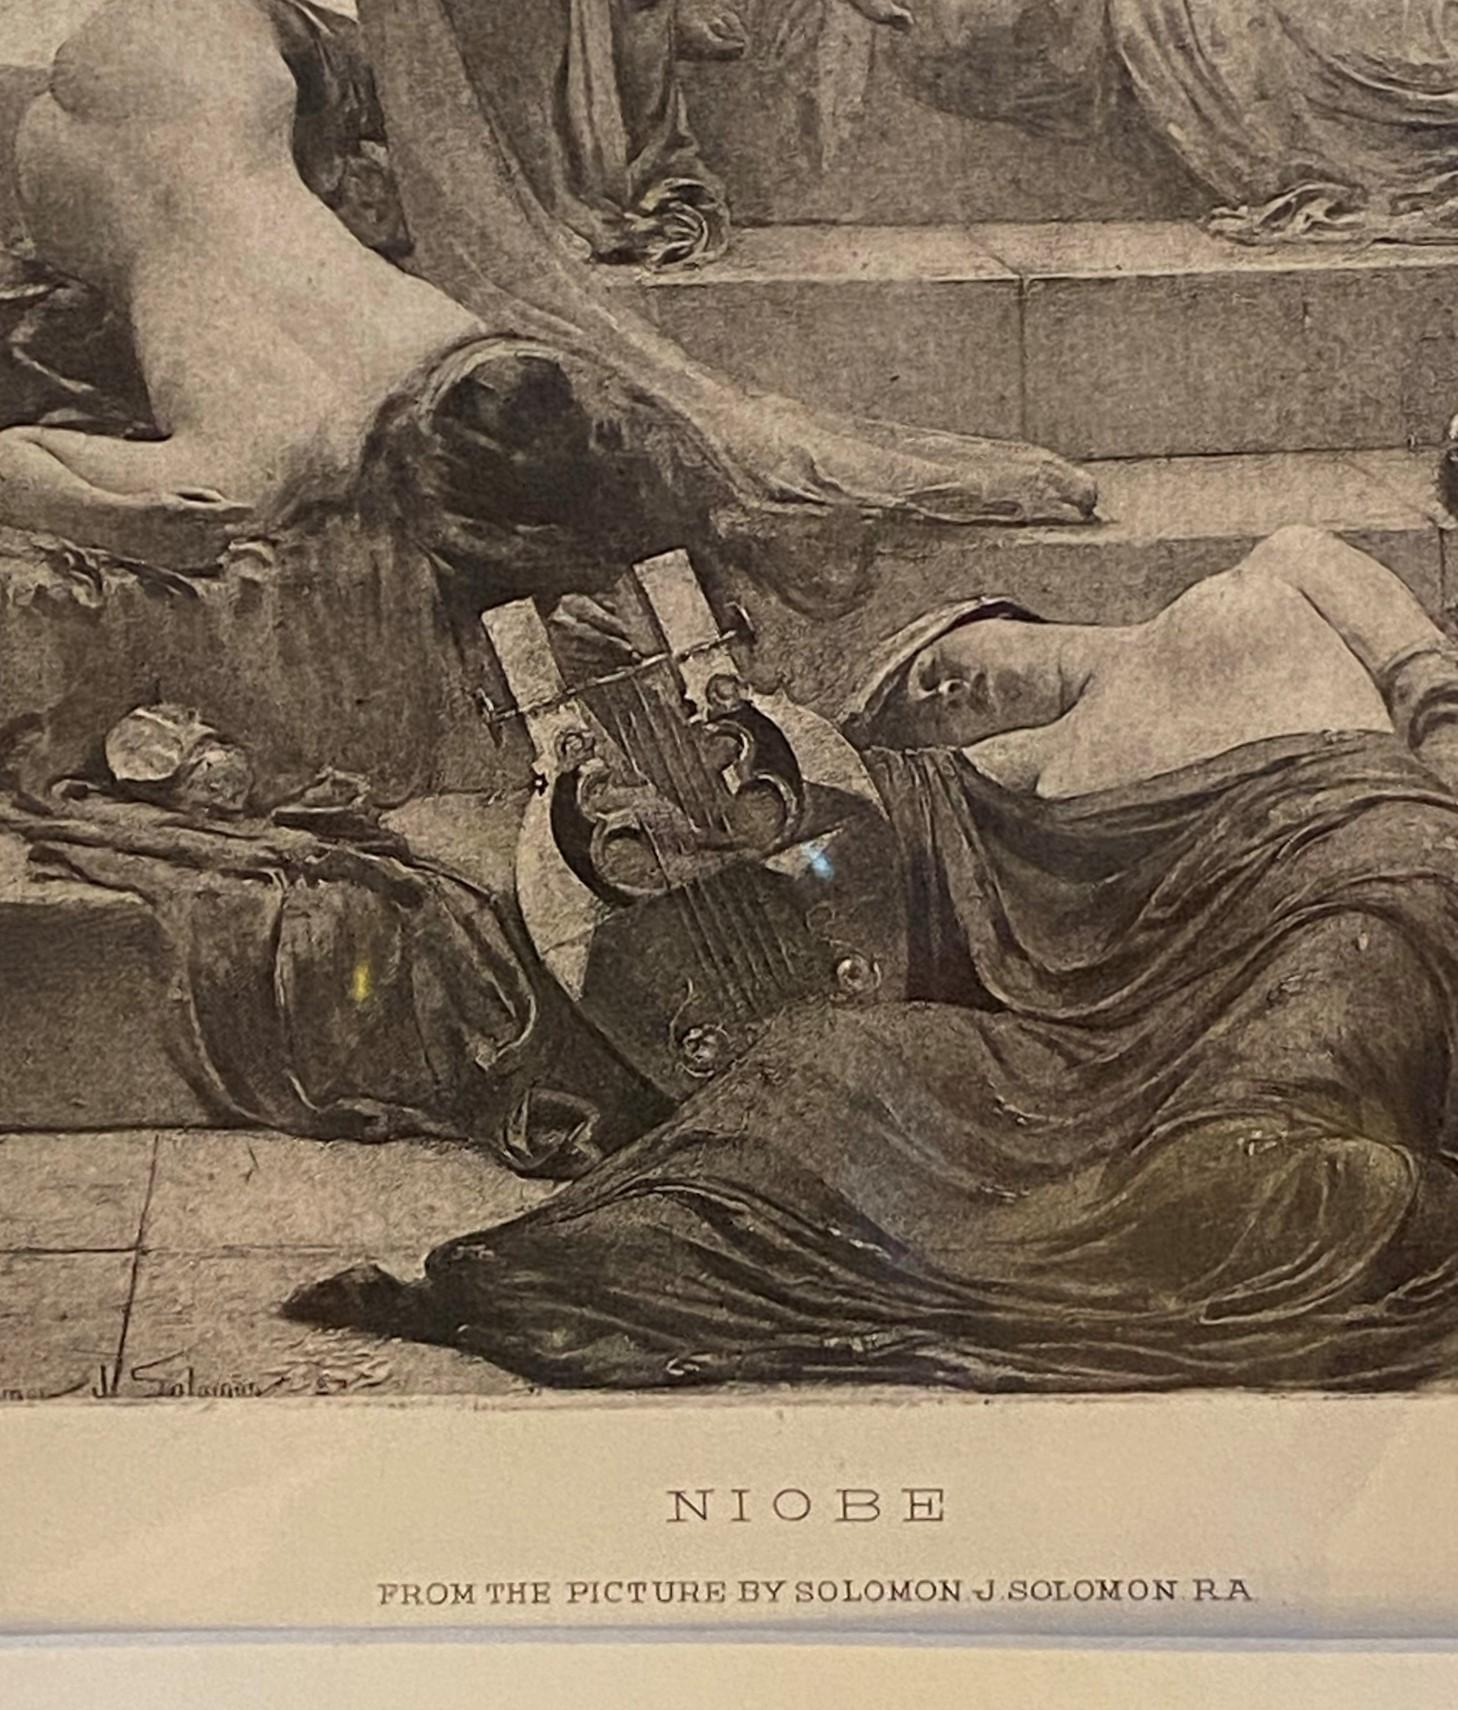 """Solomon Joseph Solomon RA RBA 1860-1927 """"Niobe"""" engraving - Image 3 of 4"""